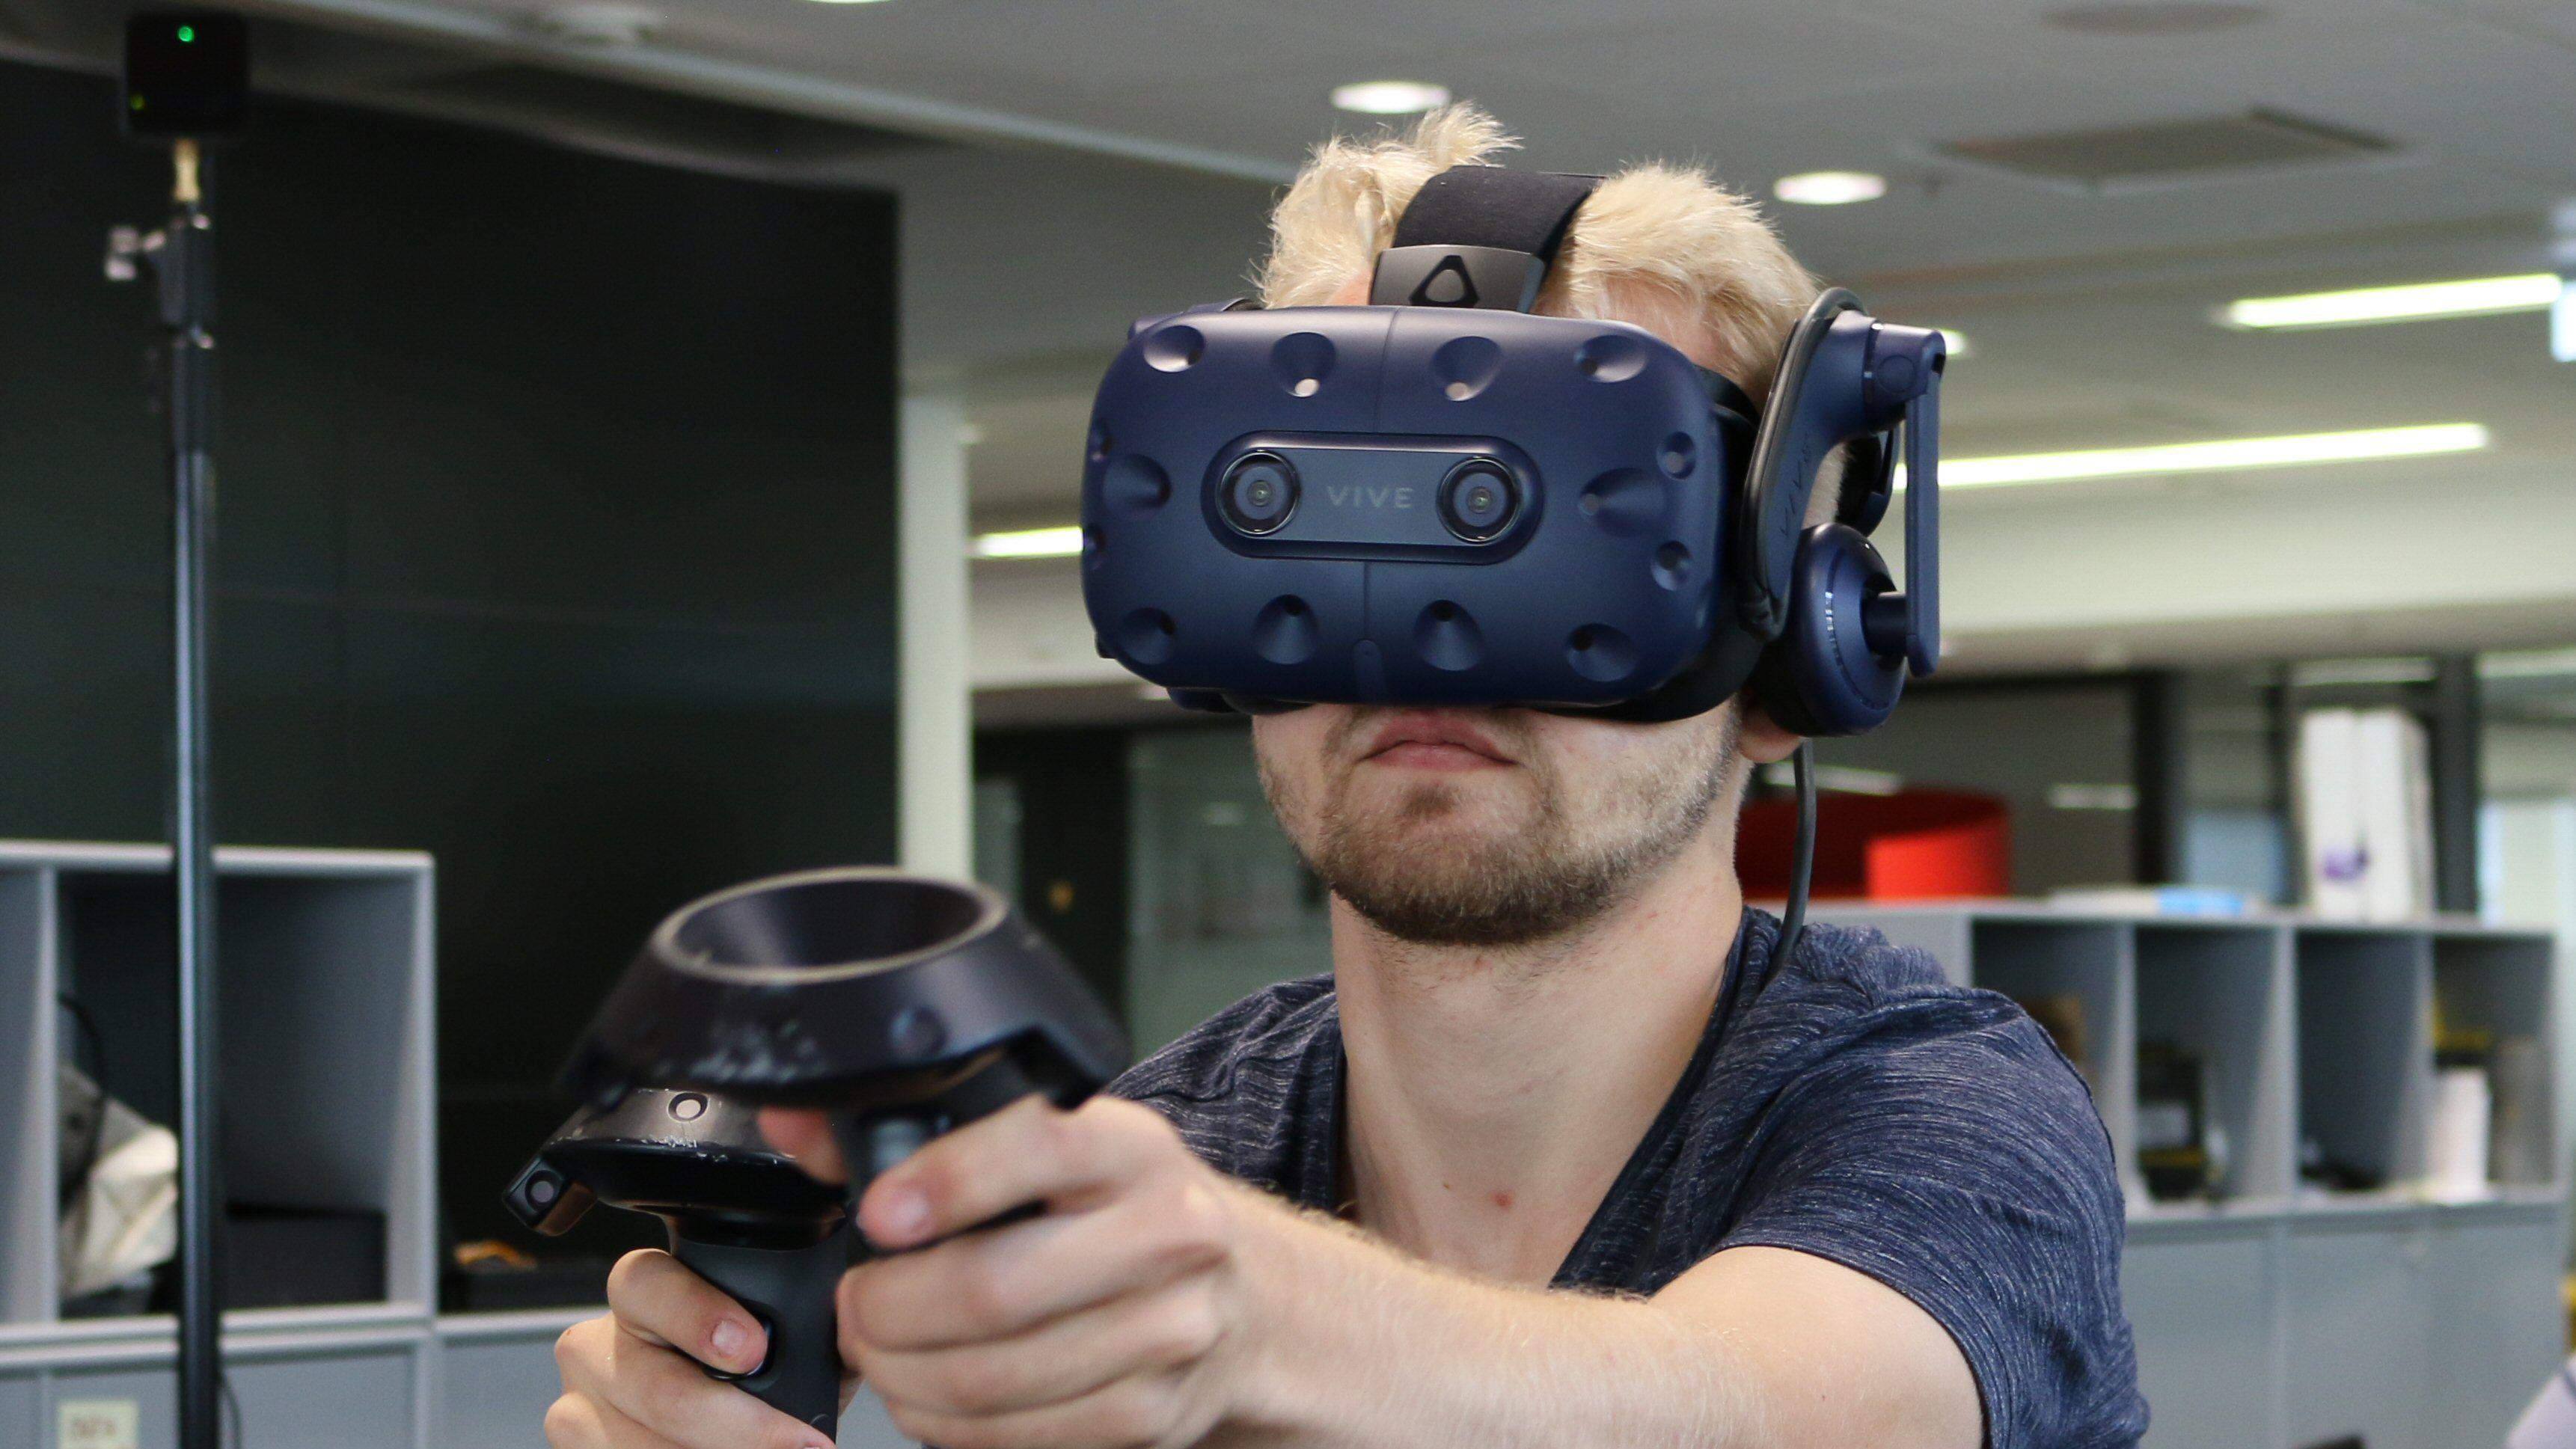 Nå gjør Valve VR med Vive enda bedre